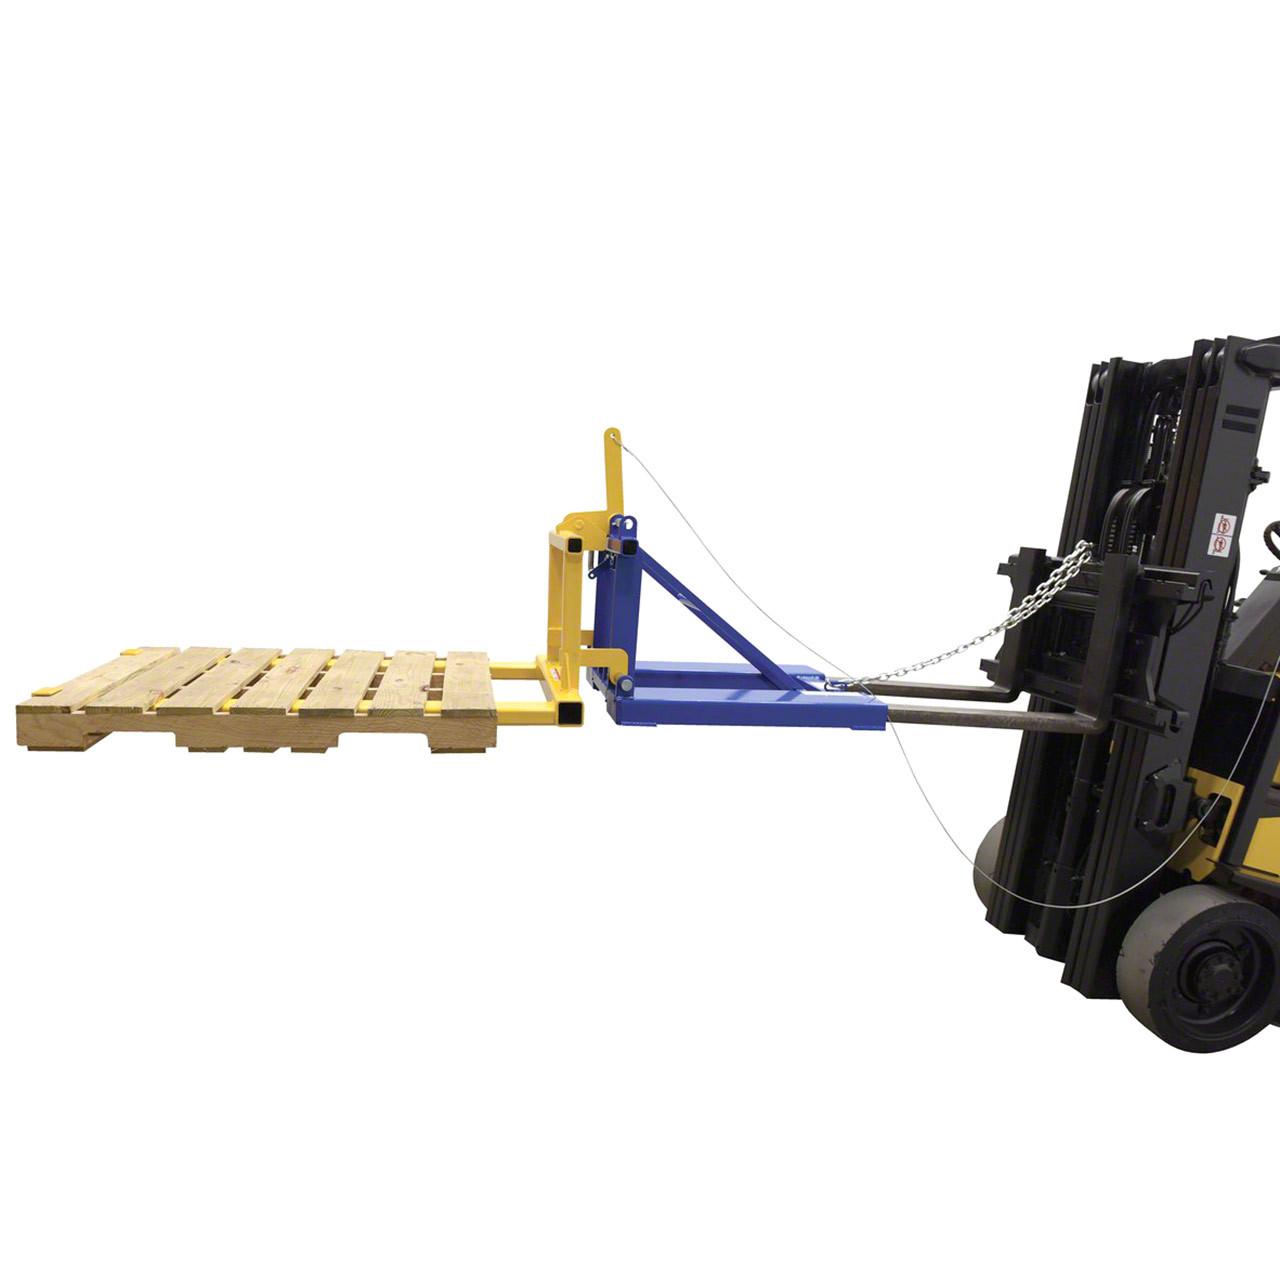 Forklift Mounted Pallet Dumper on forklift